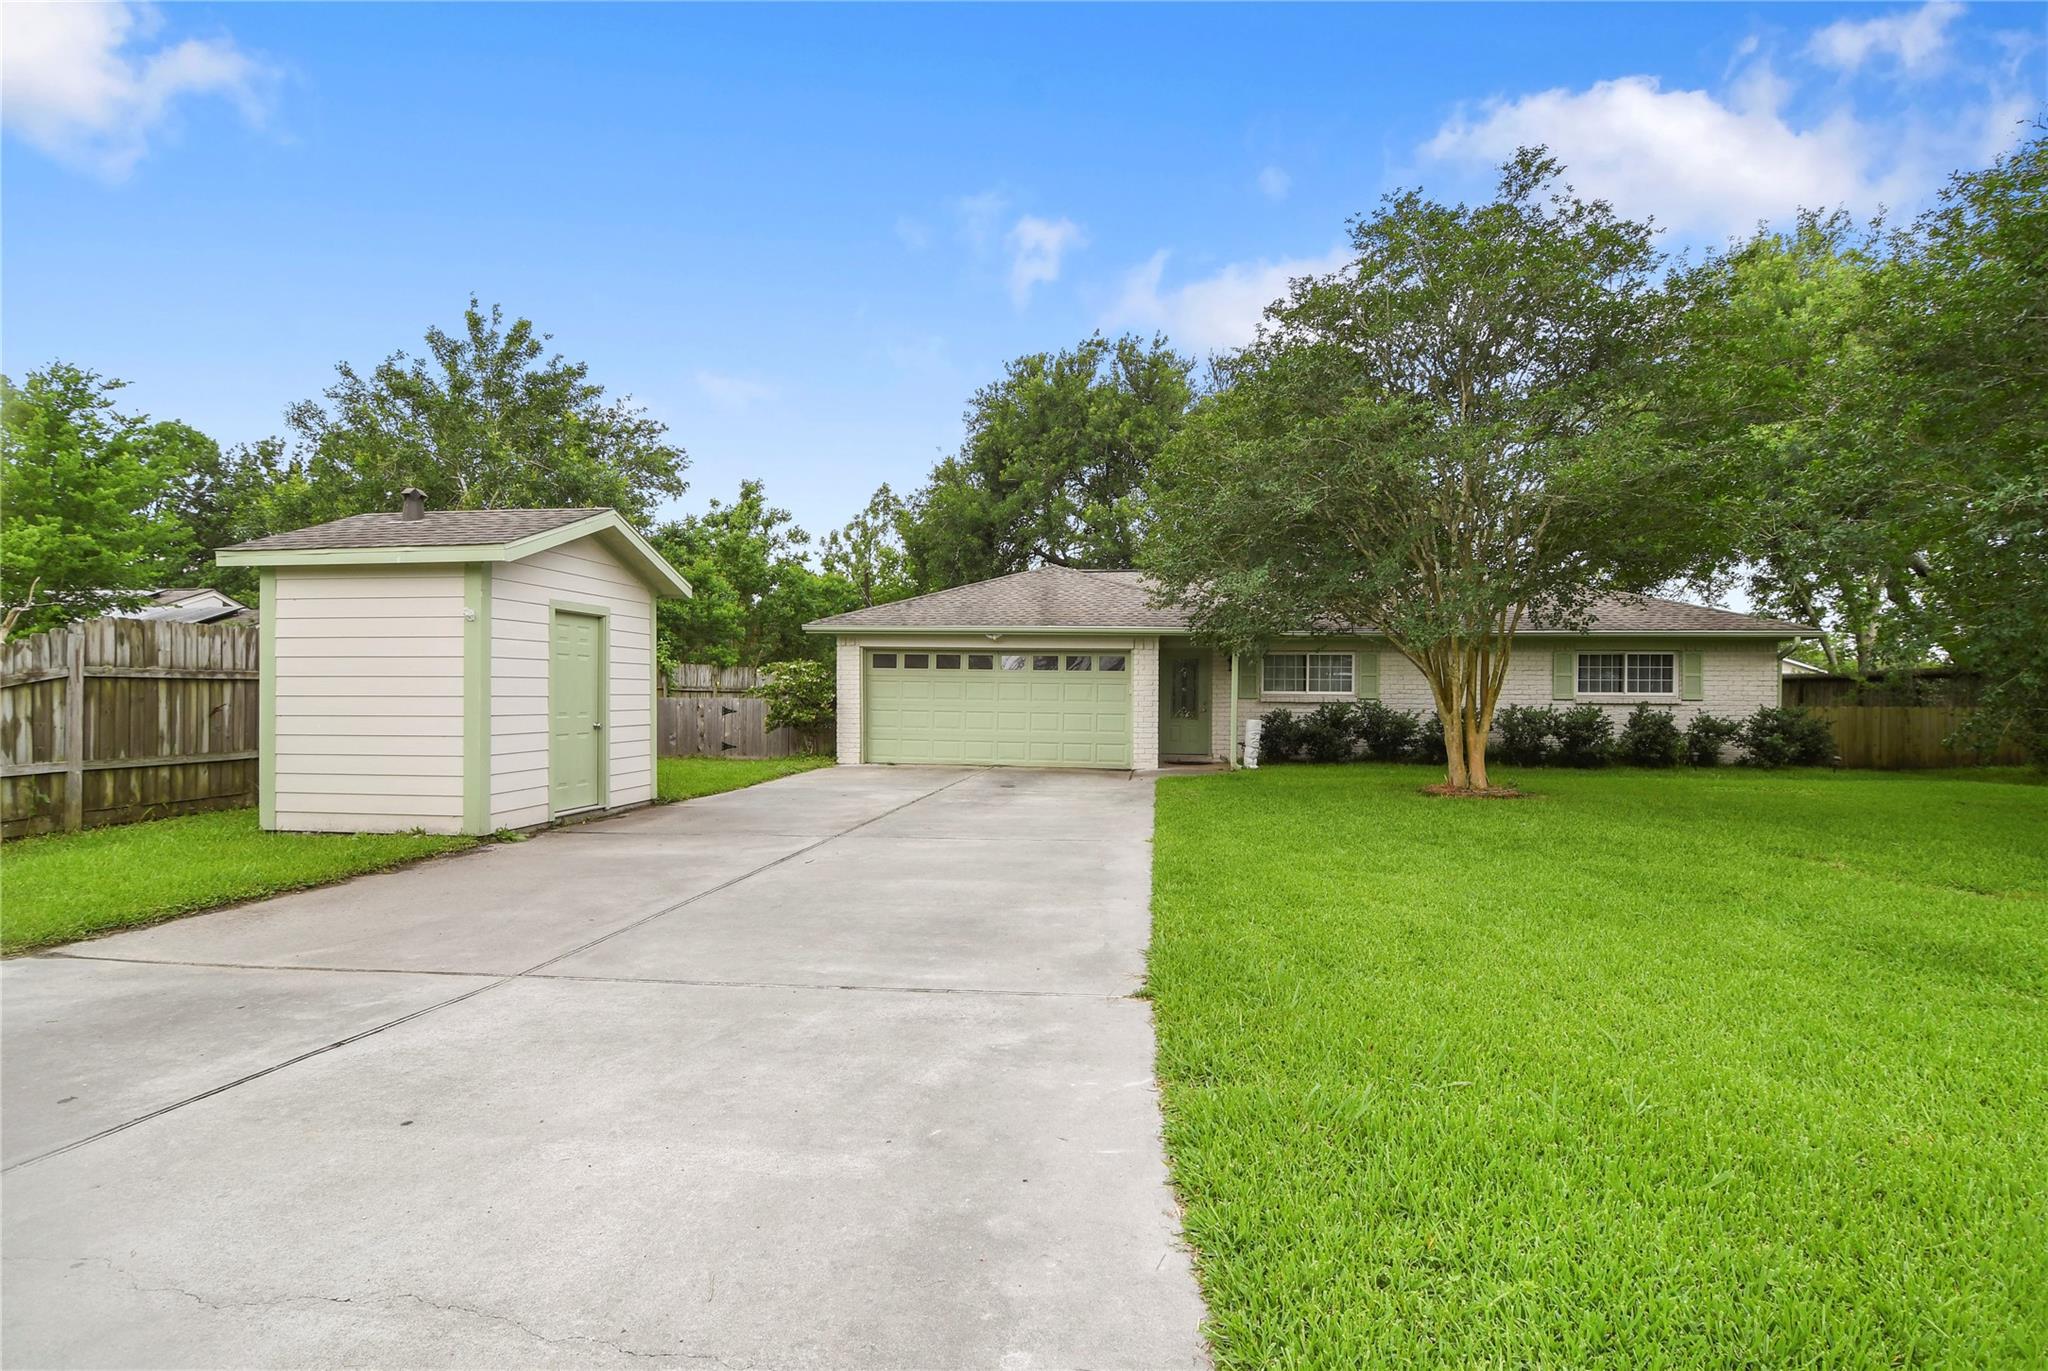 3712 Avenue E 1/2 Property Photo 1